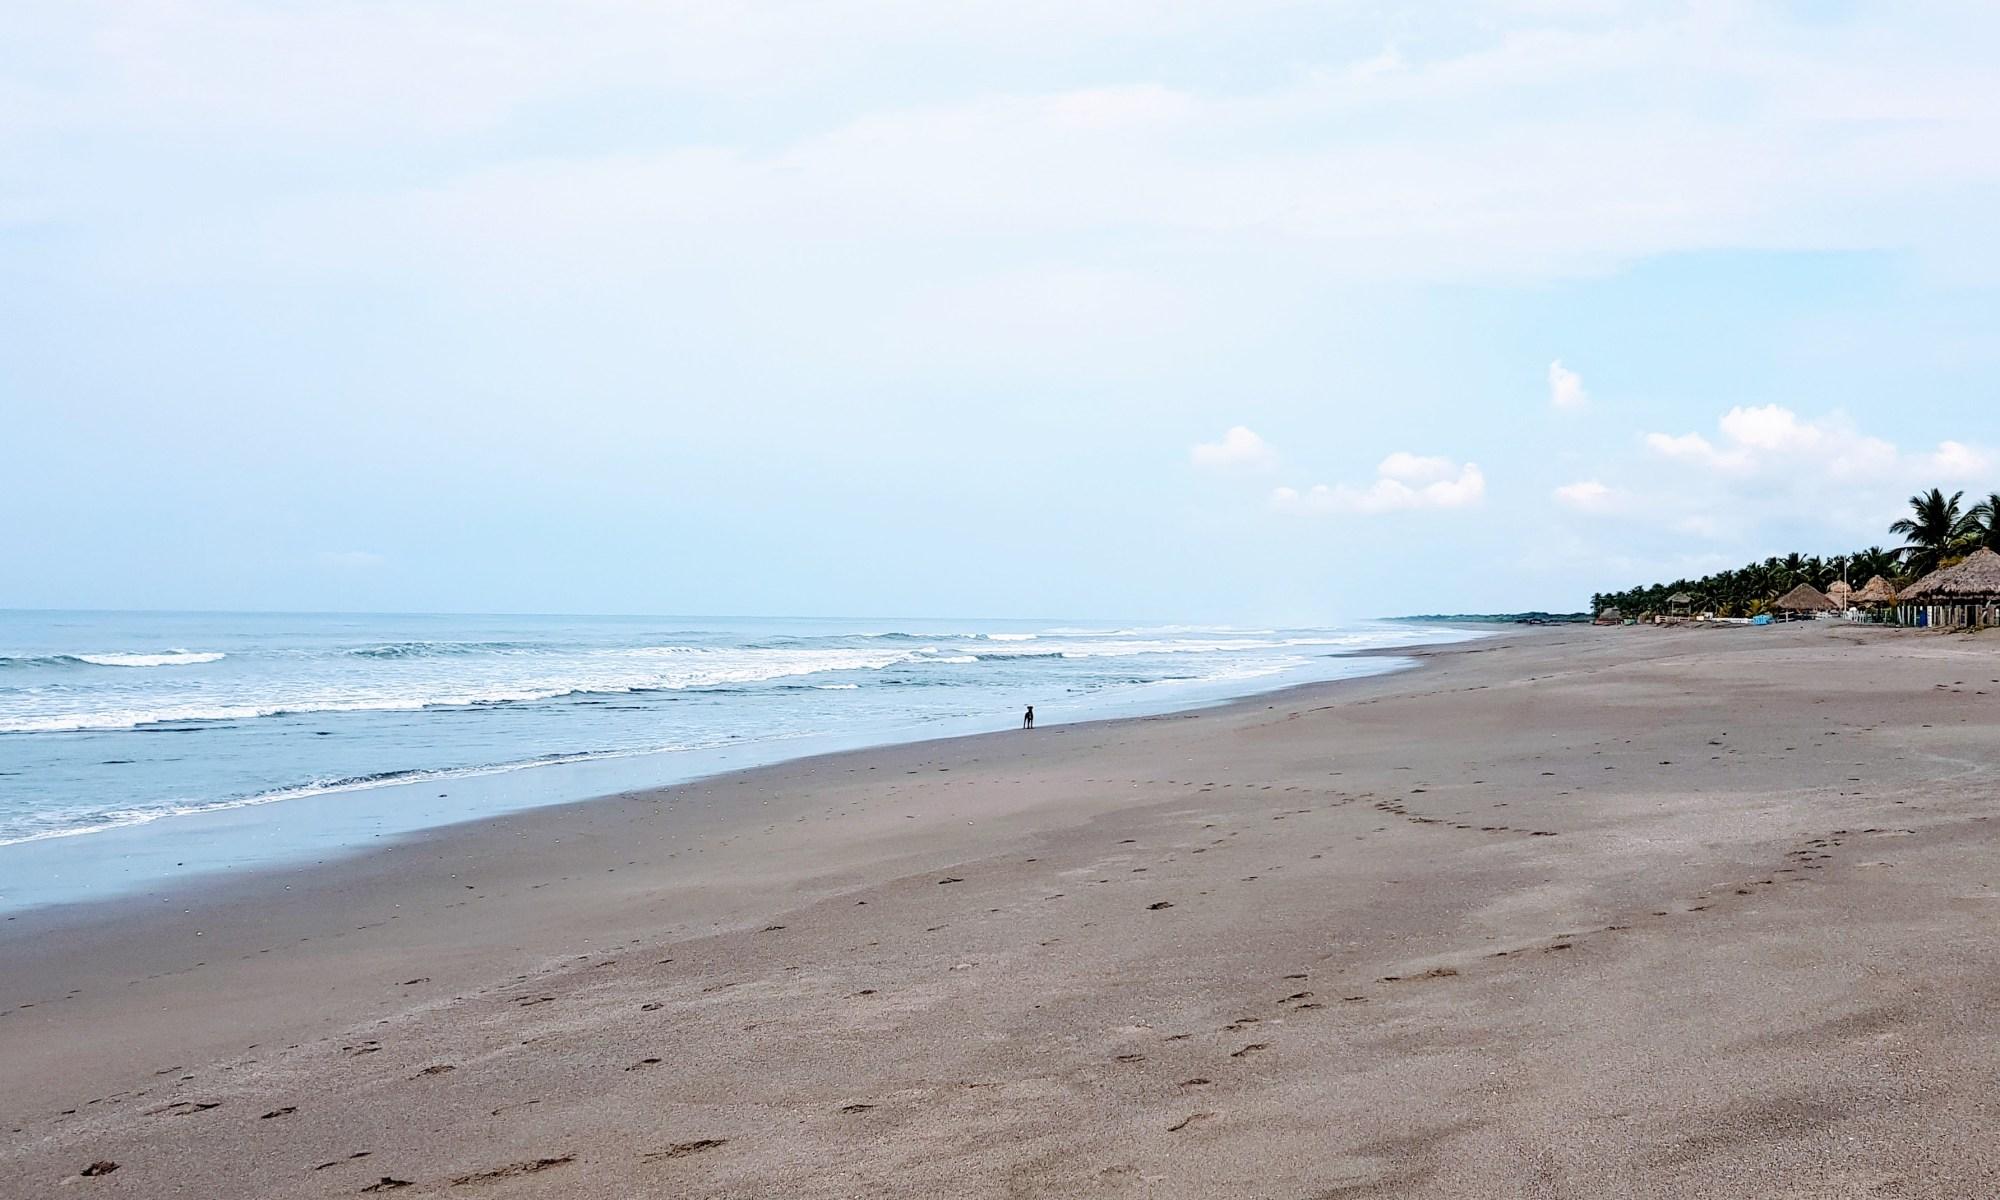 Un perro en una playa